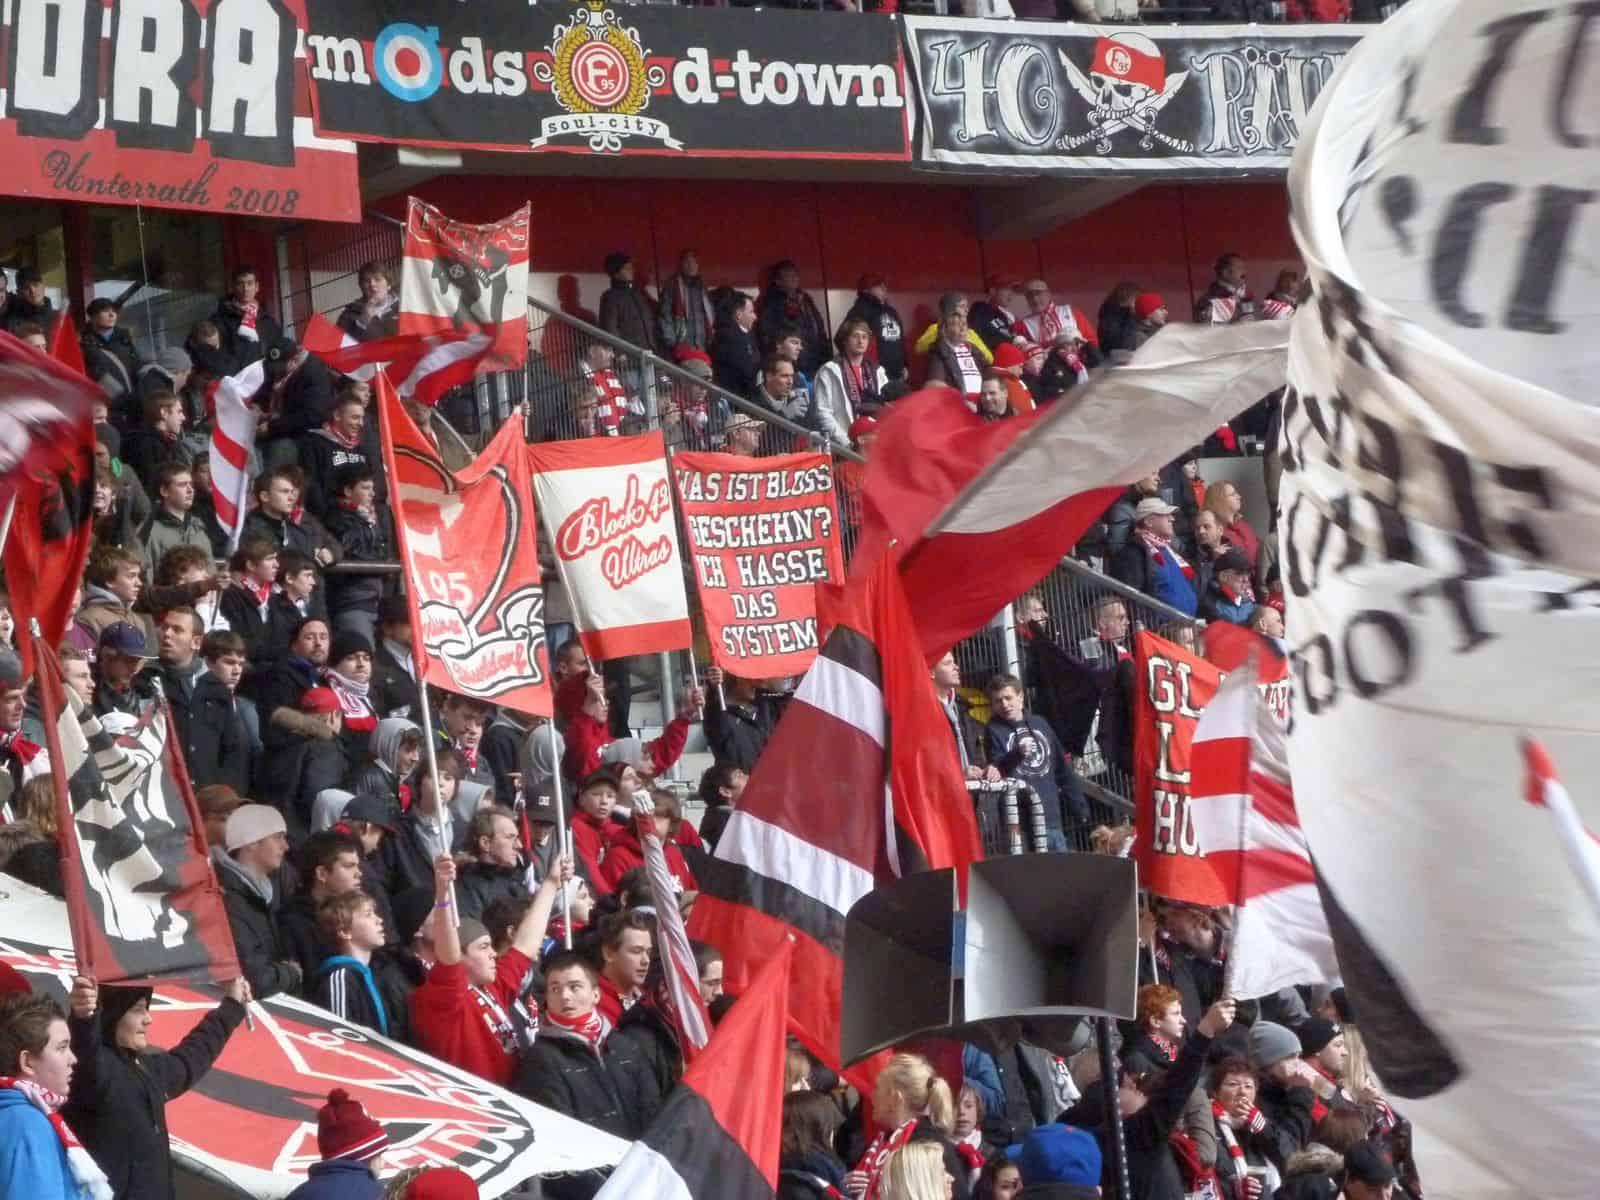 Erinnerung: F95 vs Osnabrück am 27.2.2011 (Foto: TD)